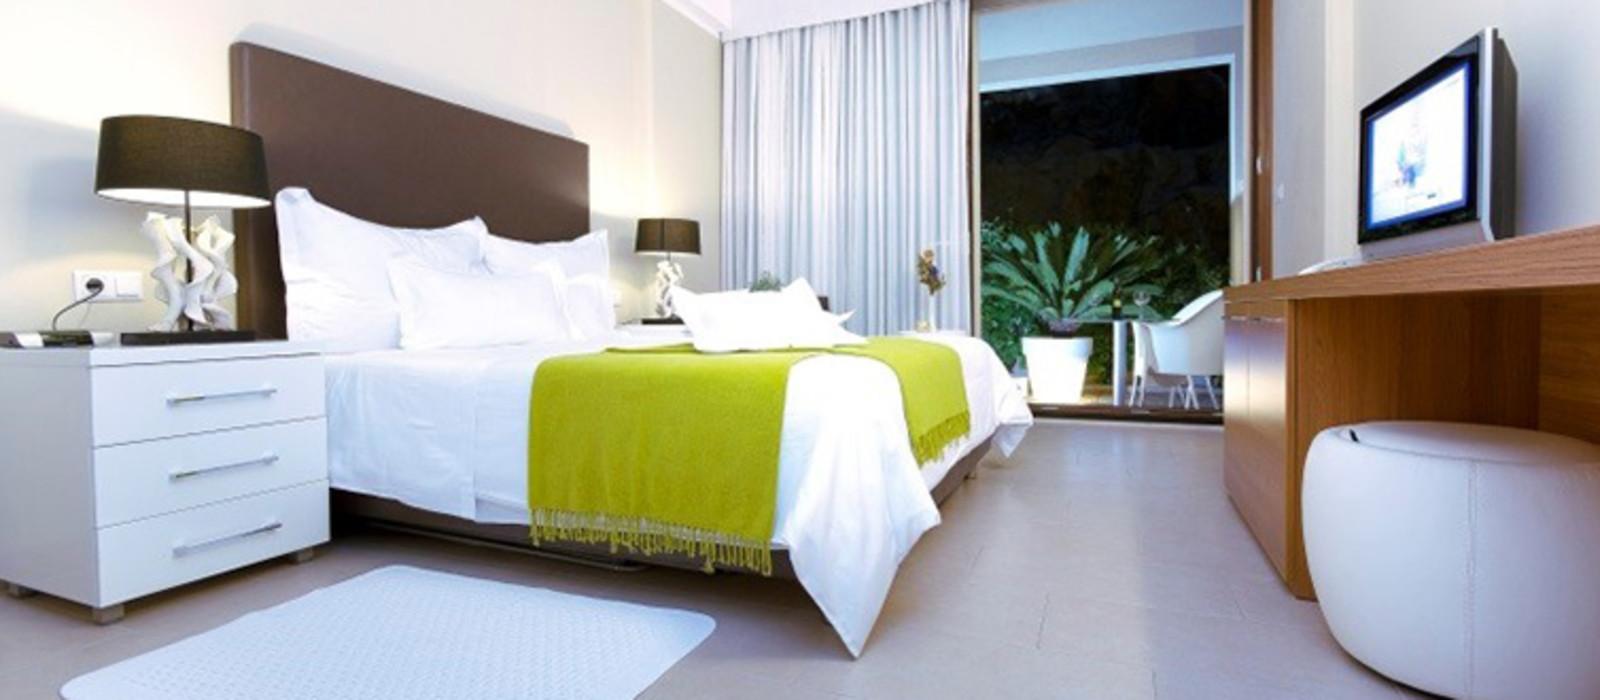 Hotel The Residence in Podstrana Croatia & Slovenia